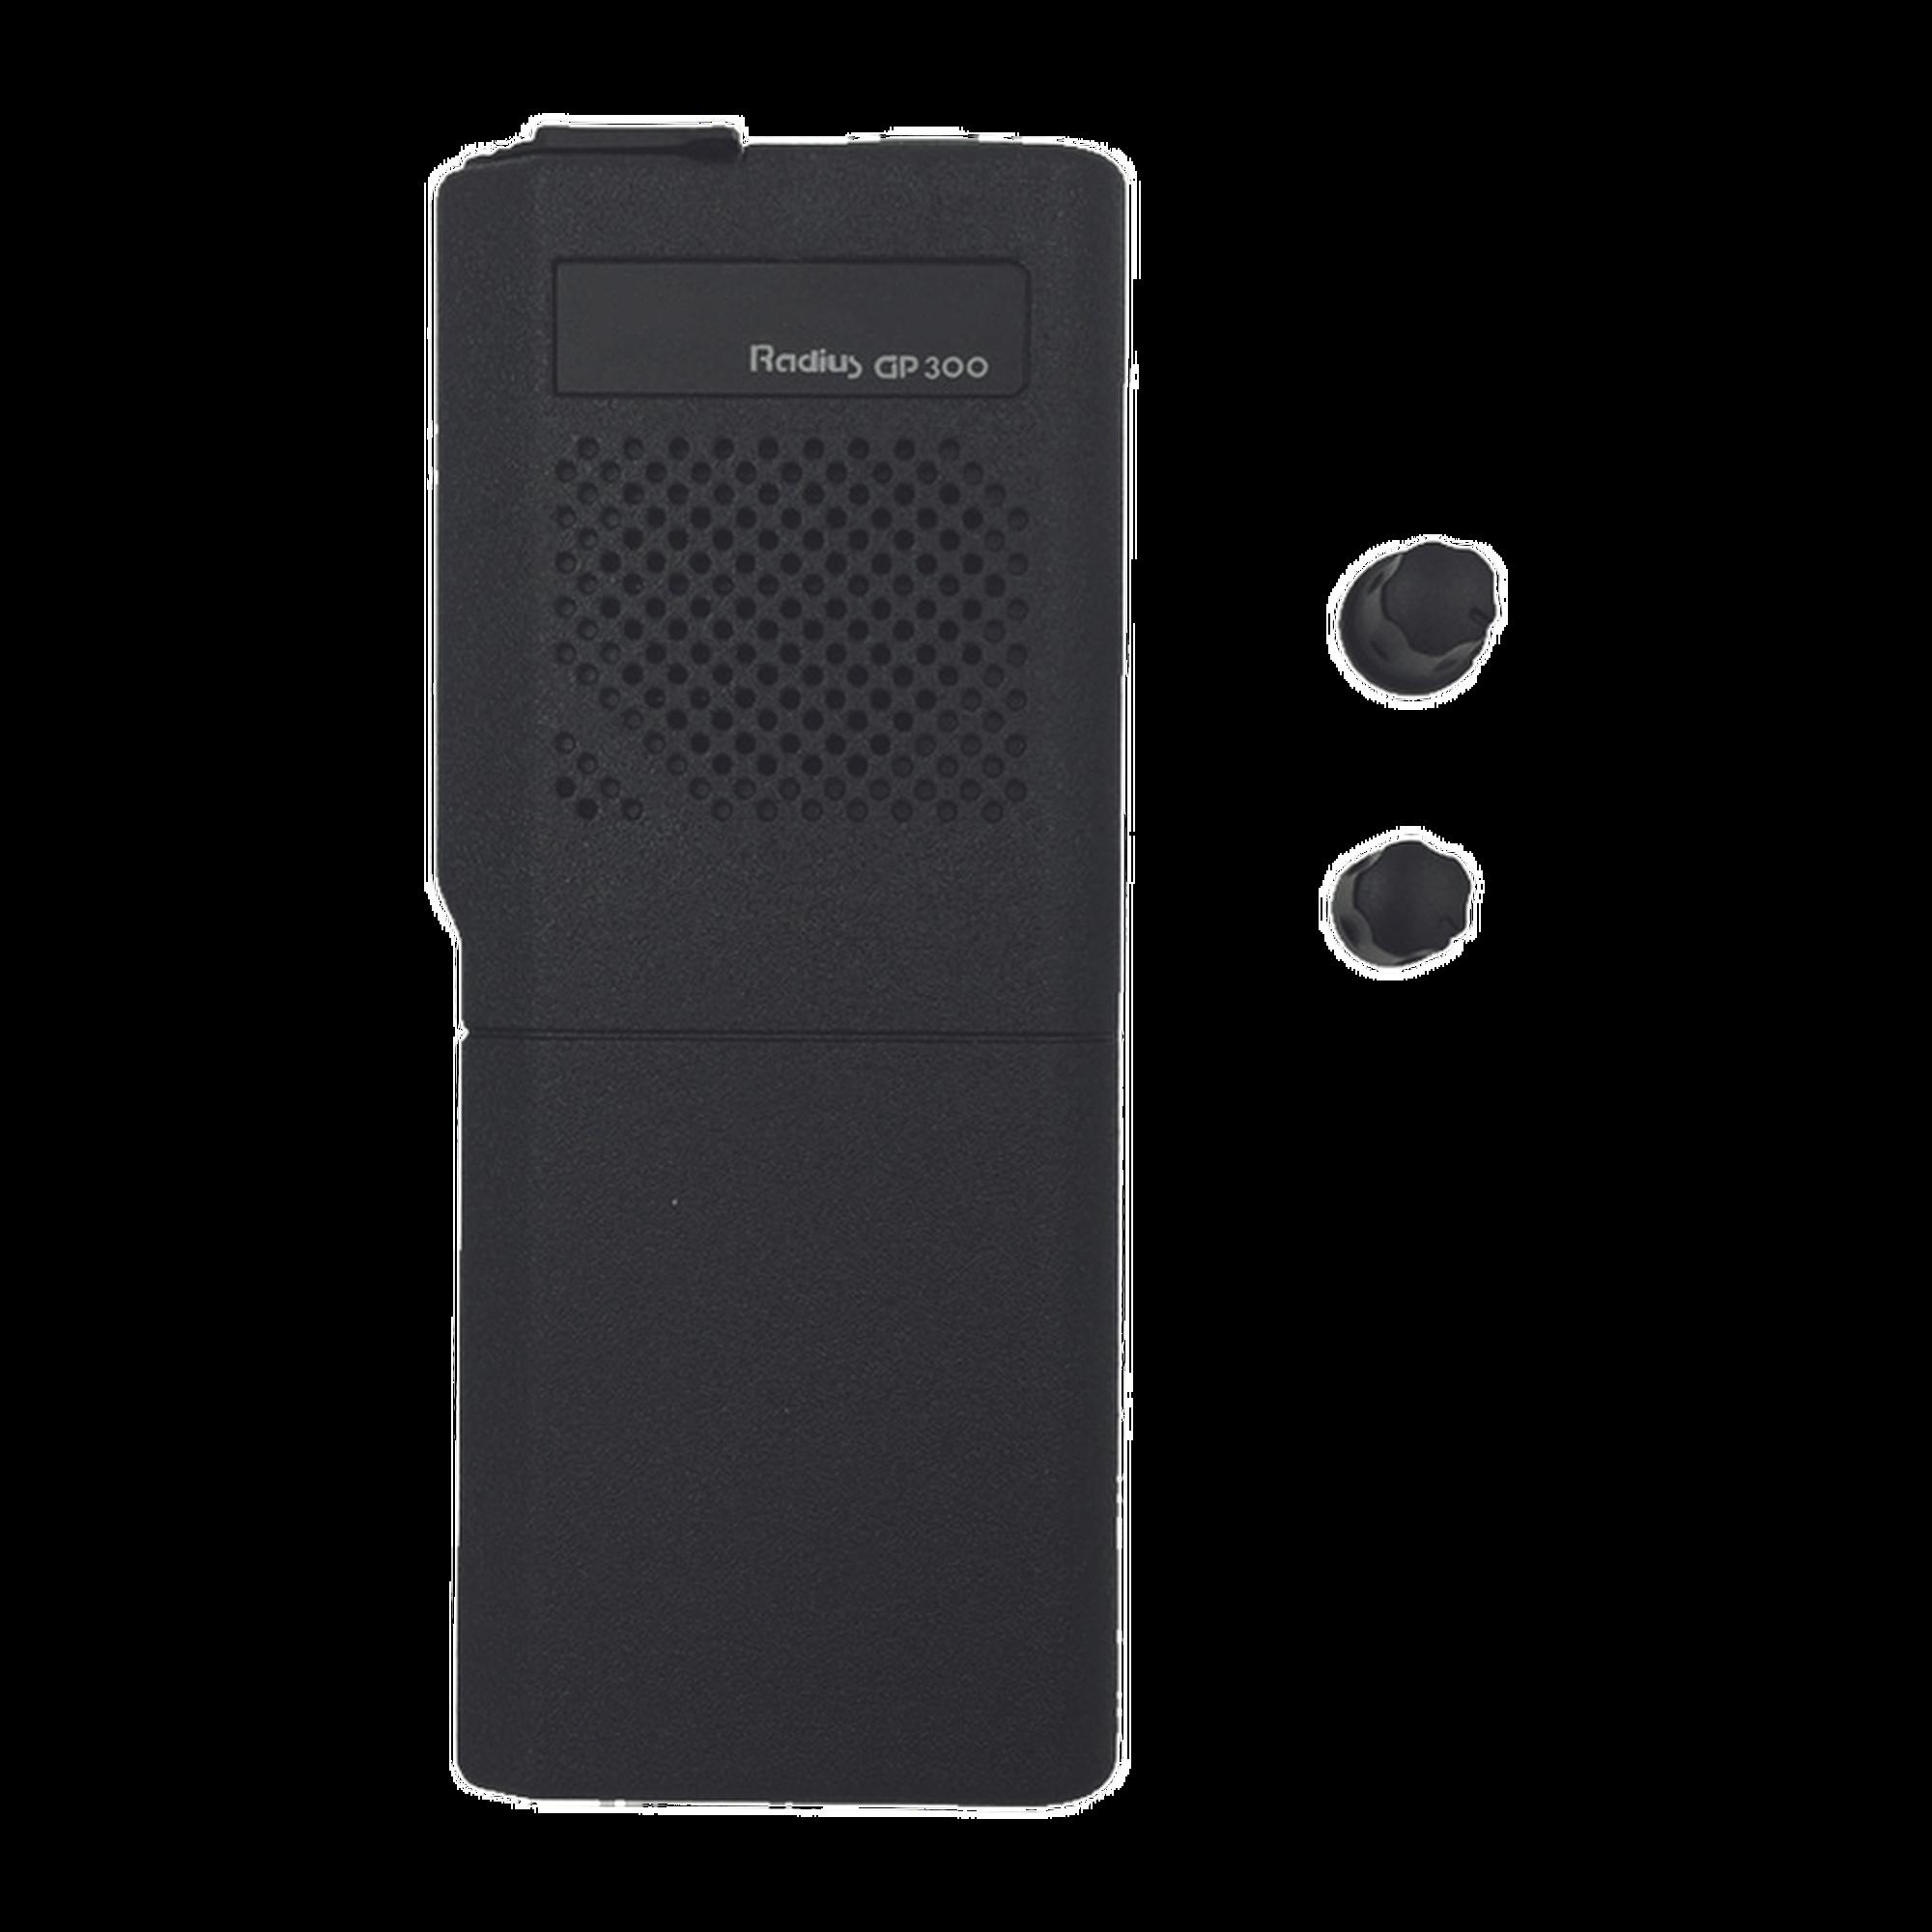 Carcasa de plástico para Radio Motorola GP300